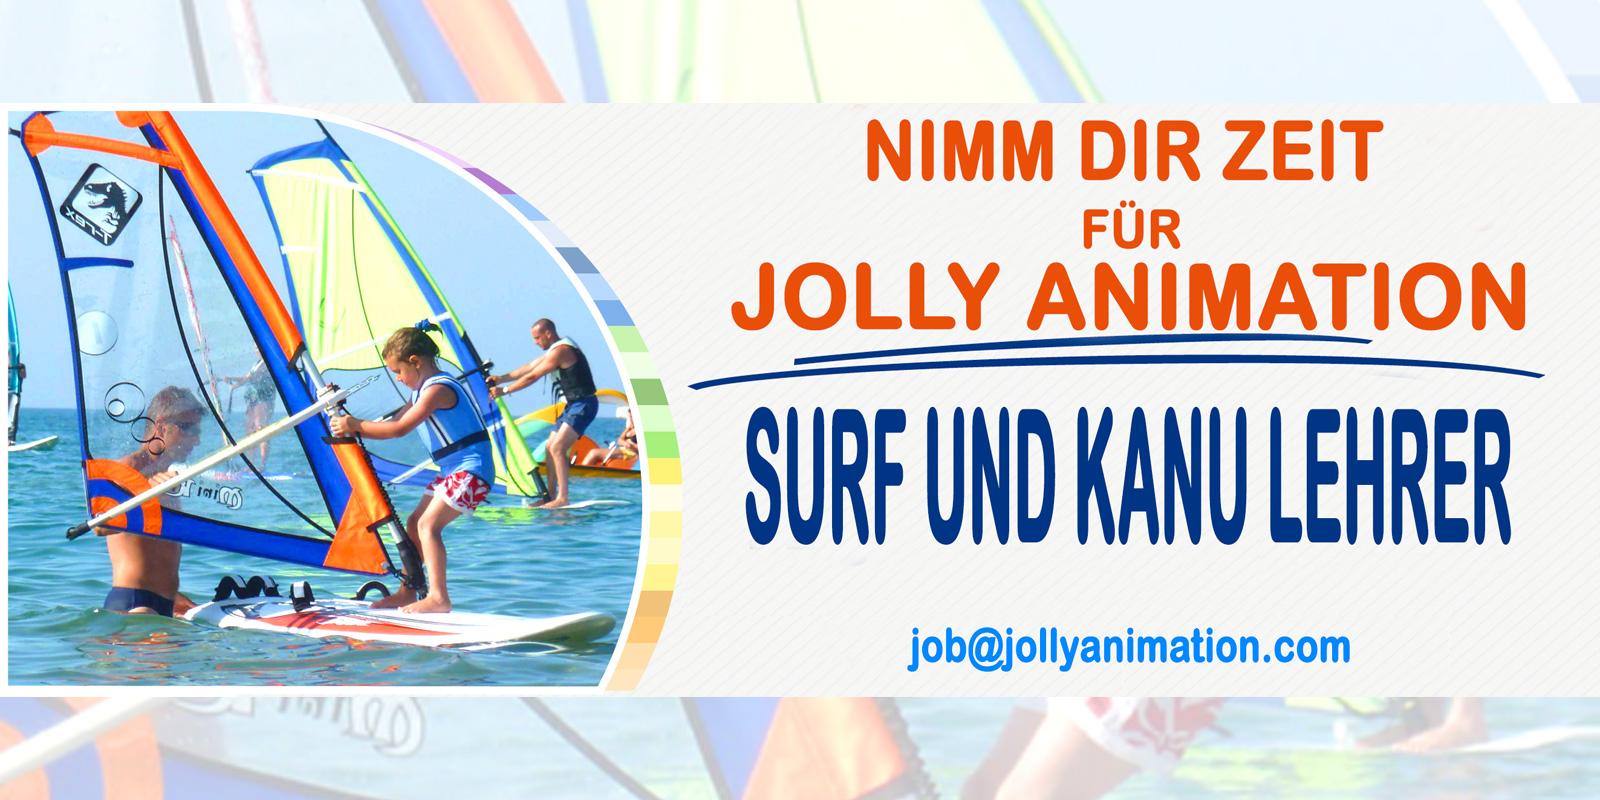 Surf und kanu lehrer